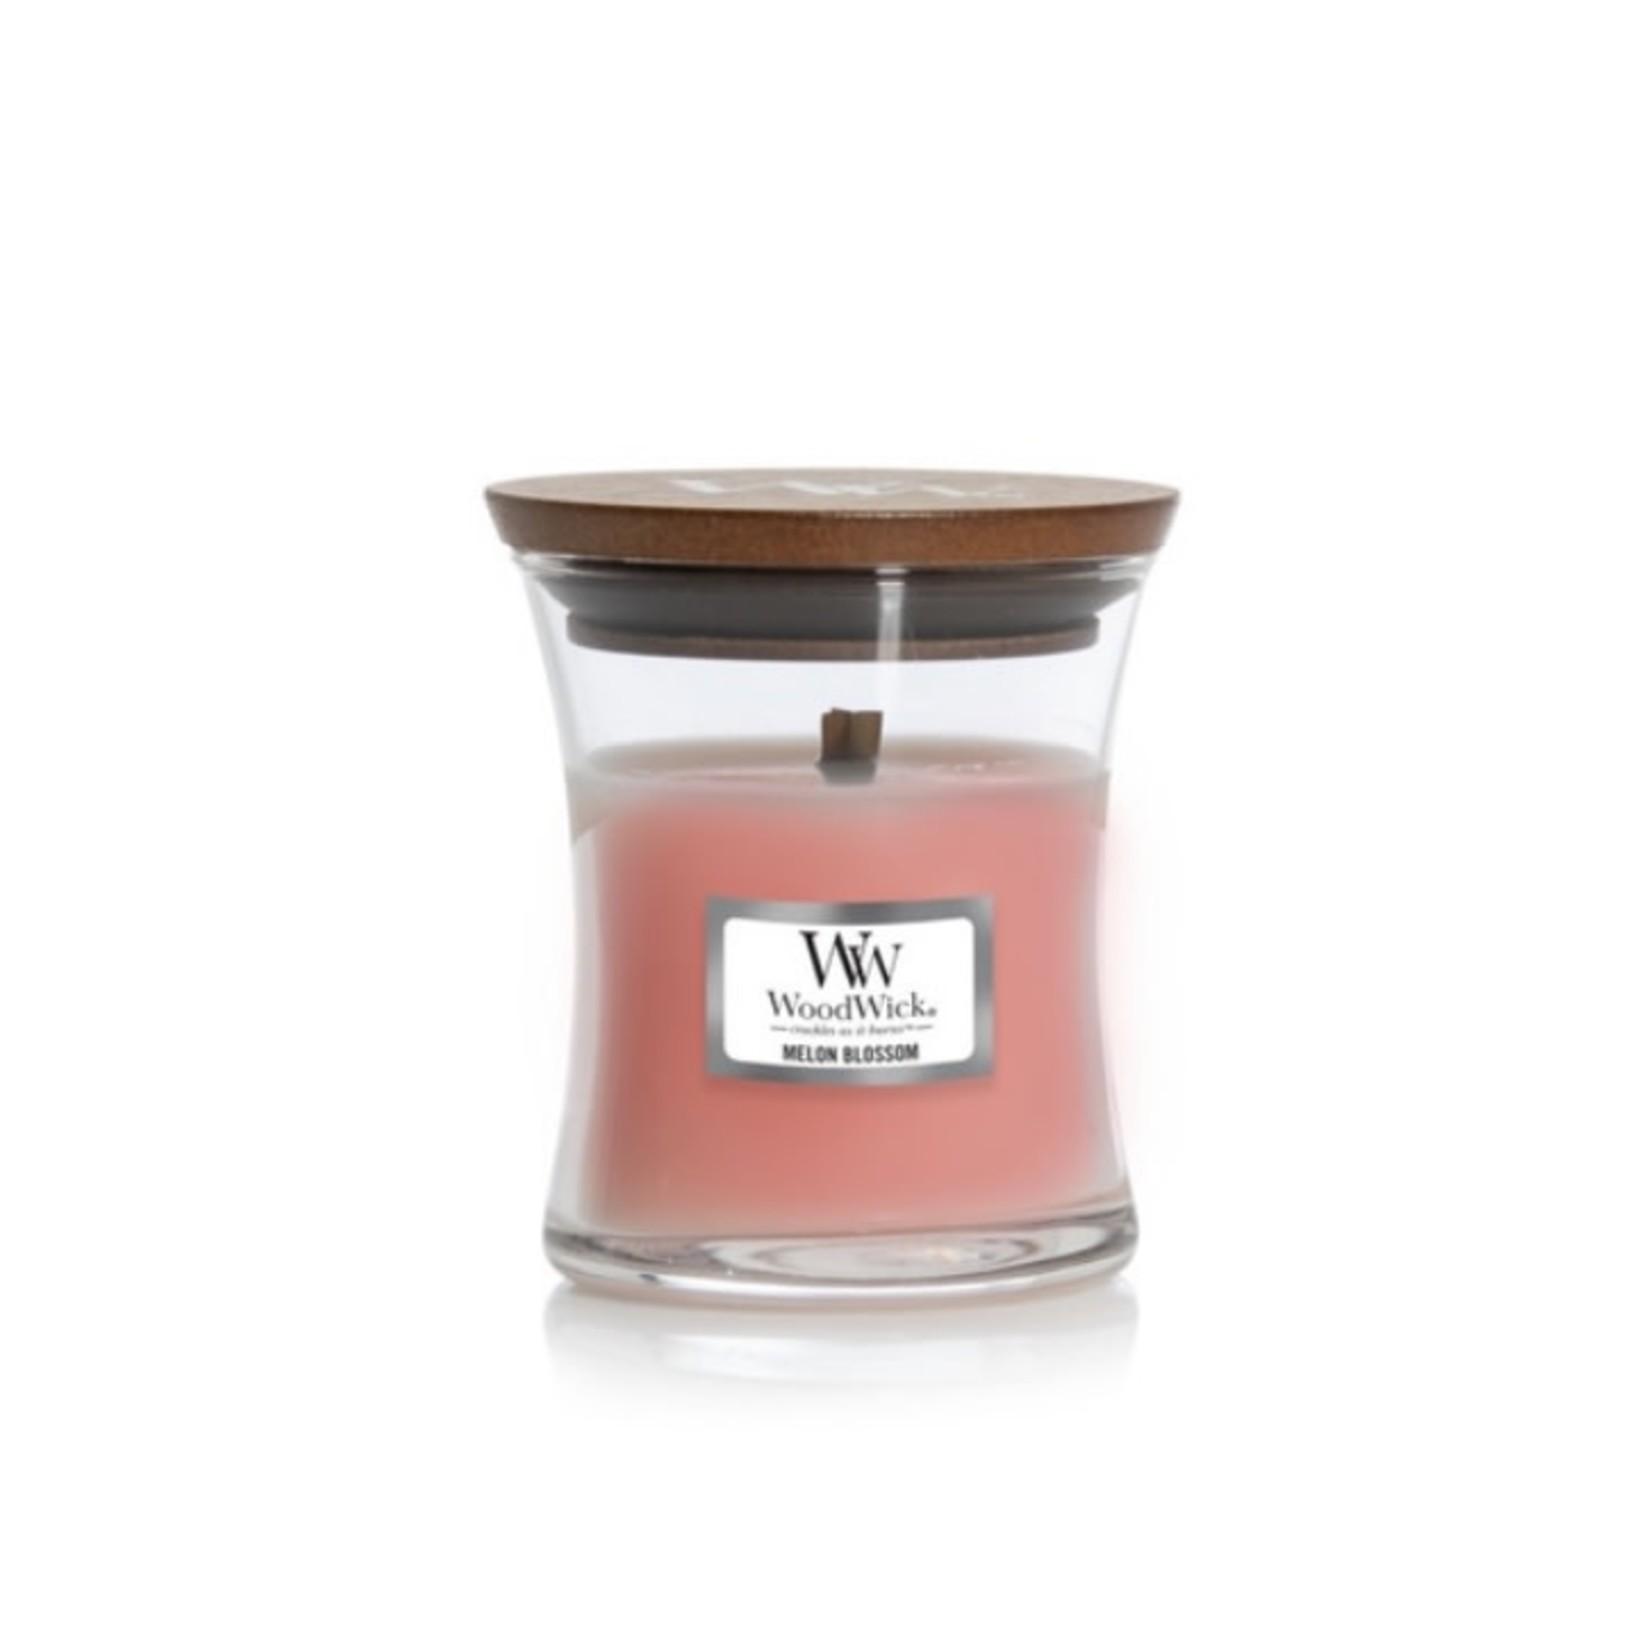 woodwick WW mini - Melon Blossom